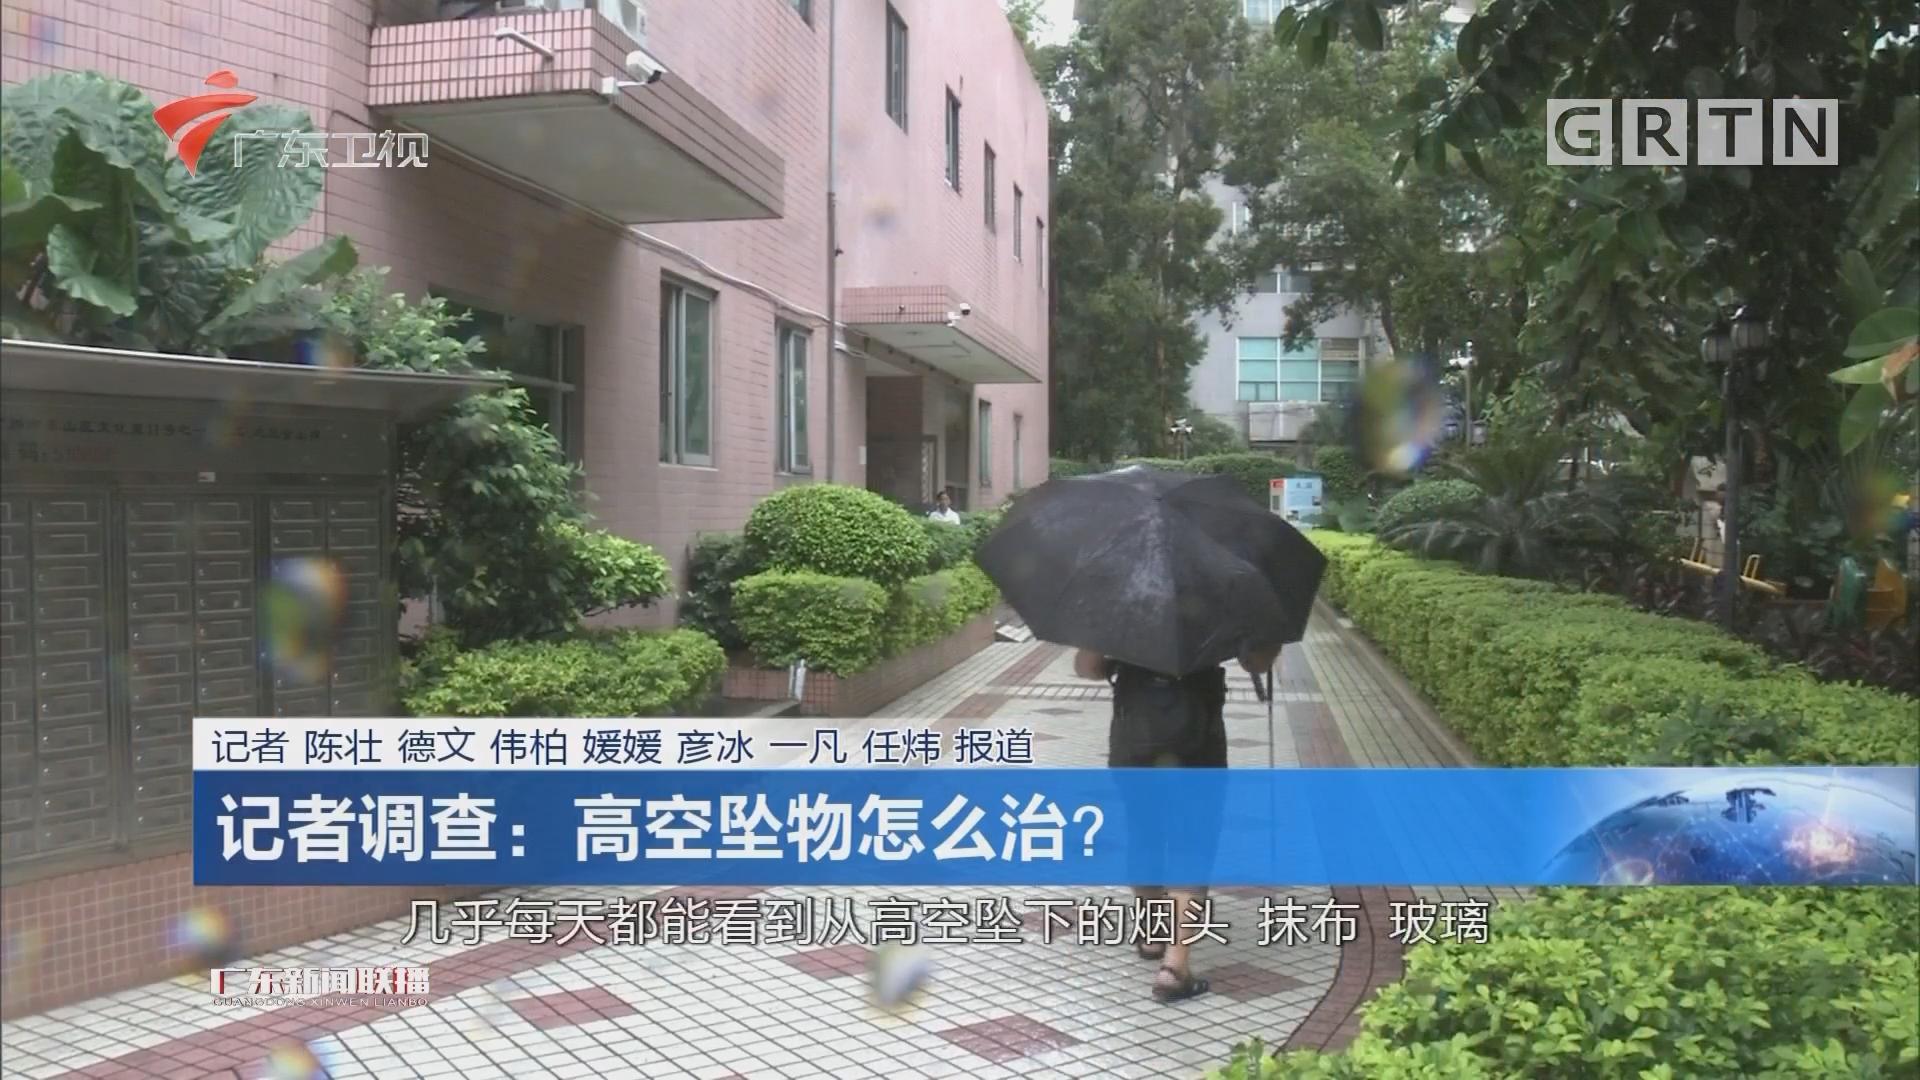 记者调查:高空坠物怎么治?